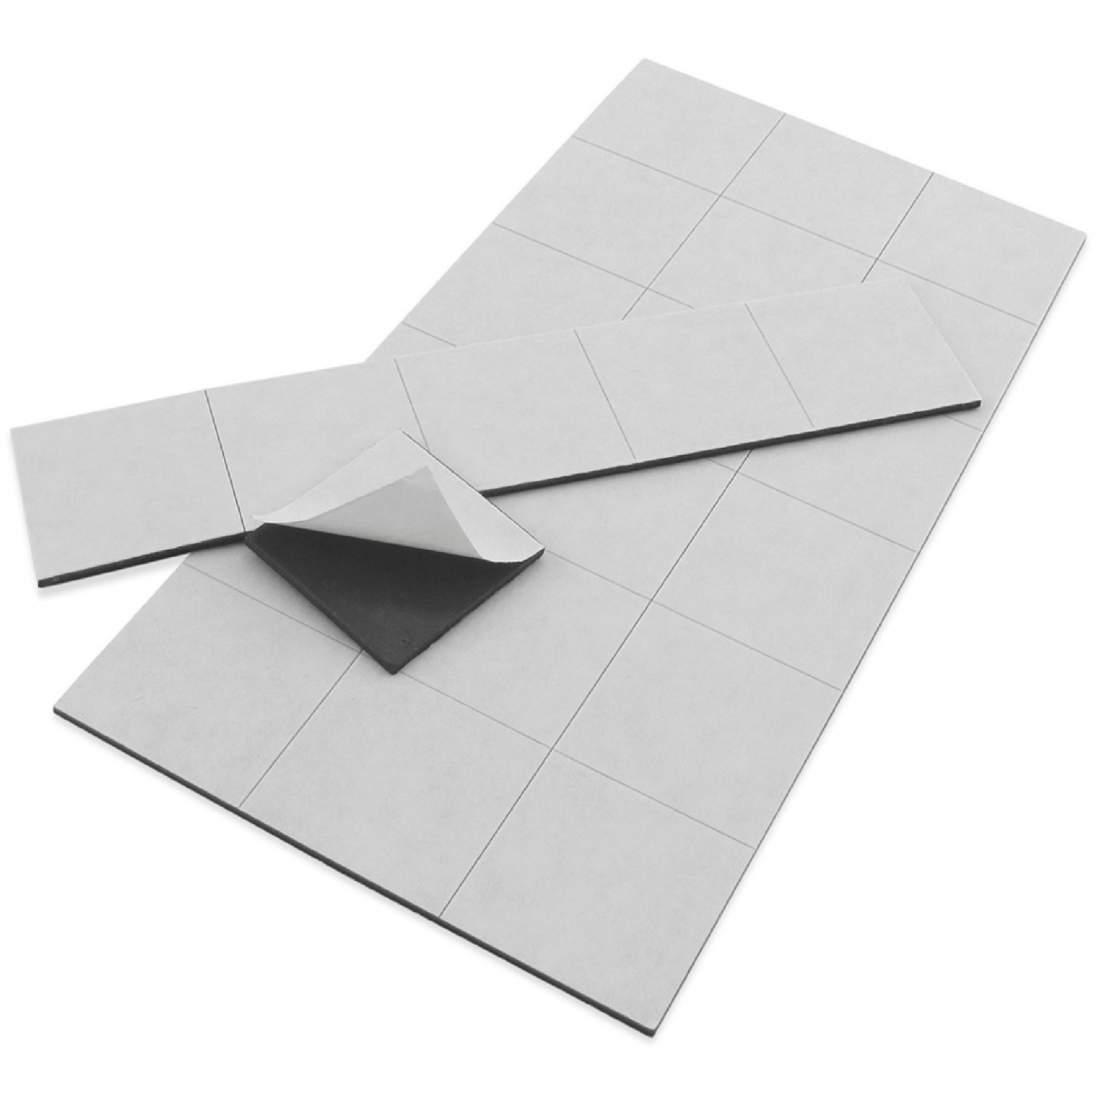 47. Folie magnetică autoadezivă (tăiată) - 50x30mm